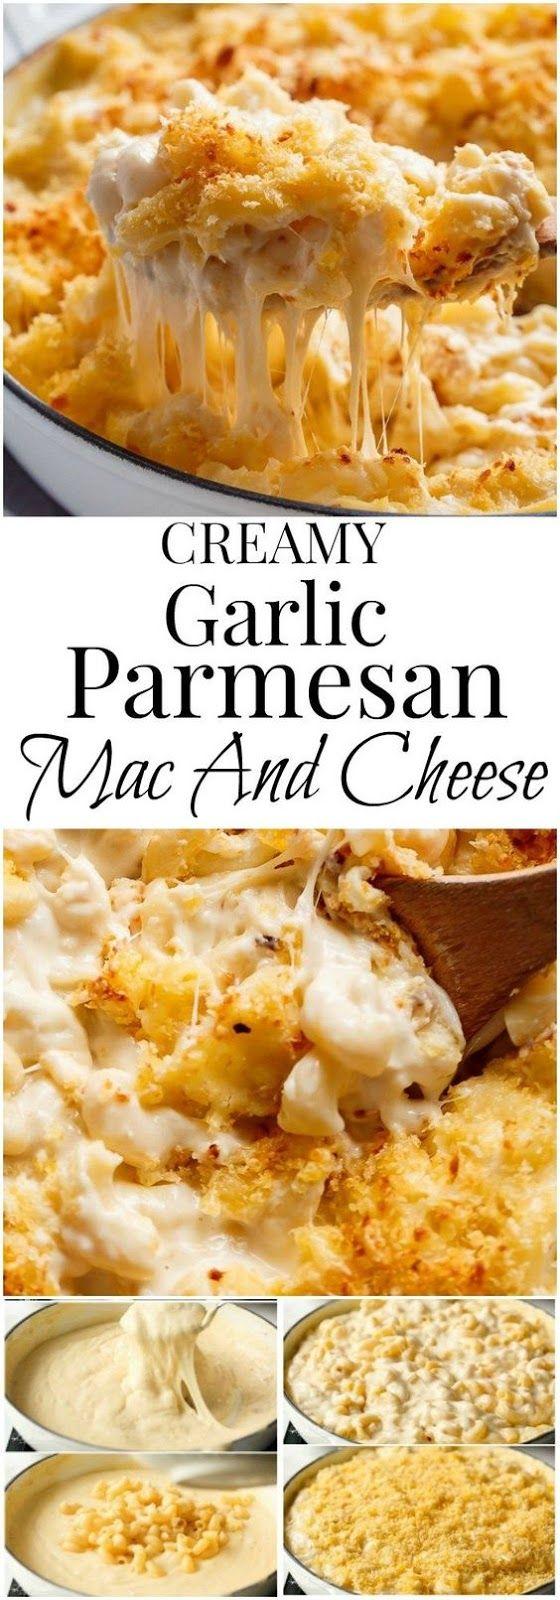 CREAMY GARLIC PARMESAN MAC AND CHEESE | Food And Cake Recipes